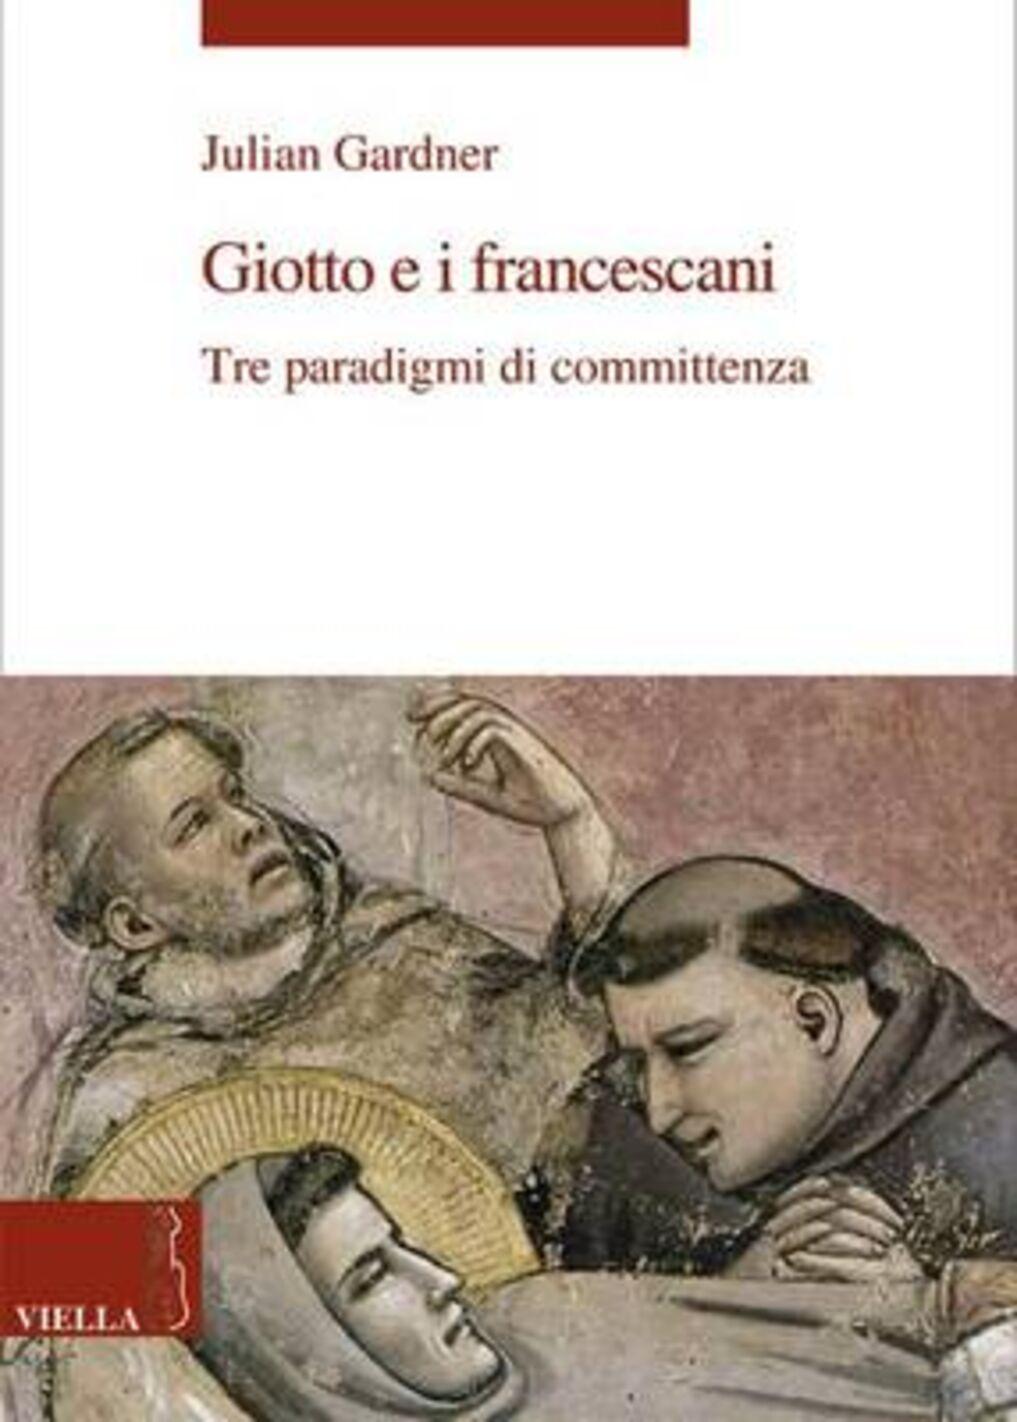 Giotto e i francescani. Tre paradigmi di committenza